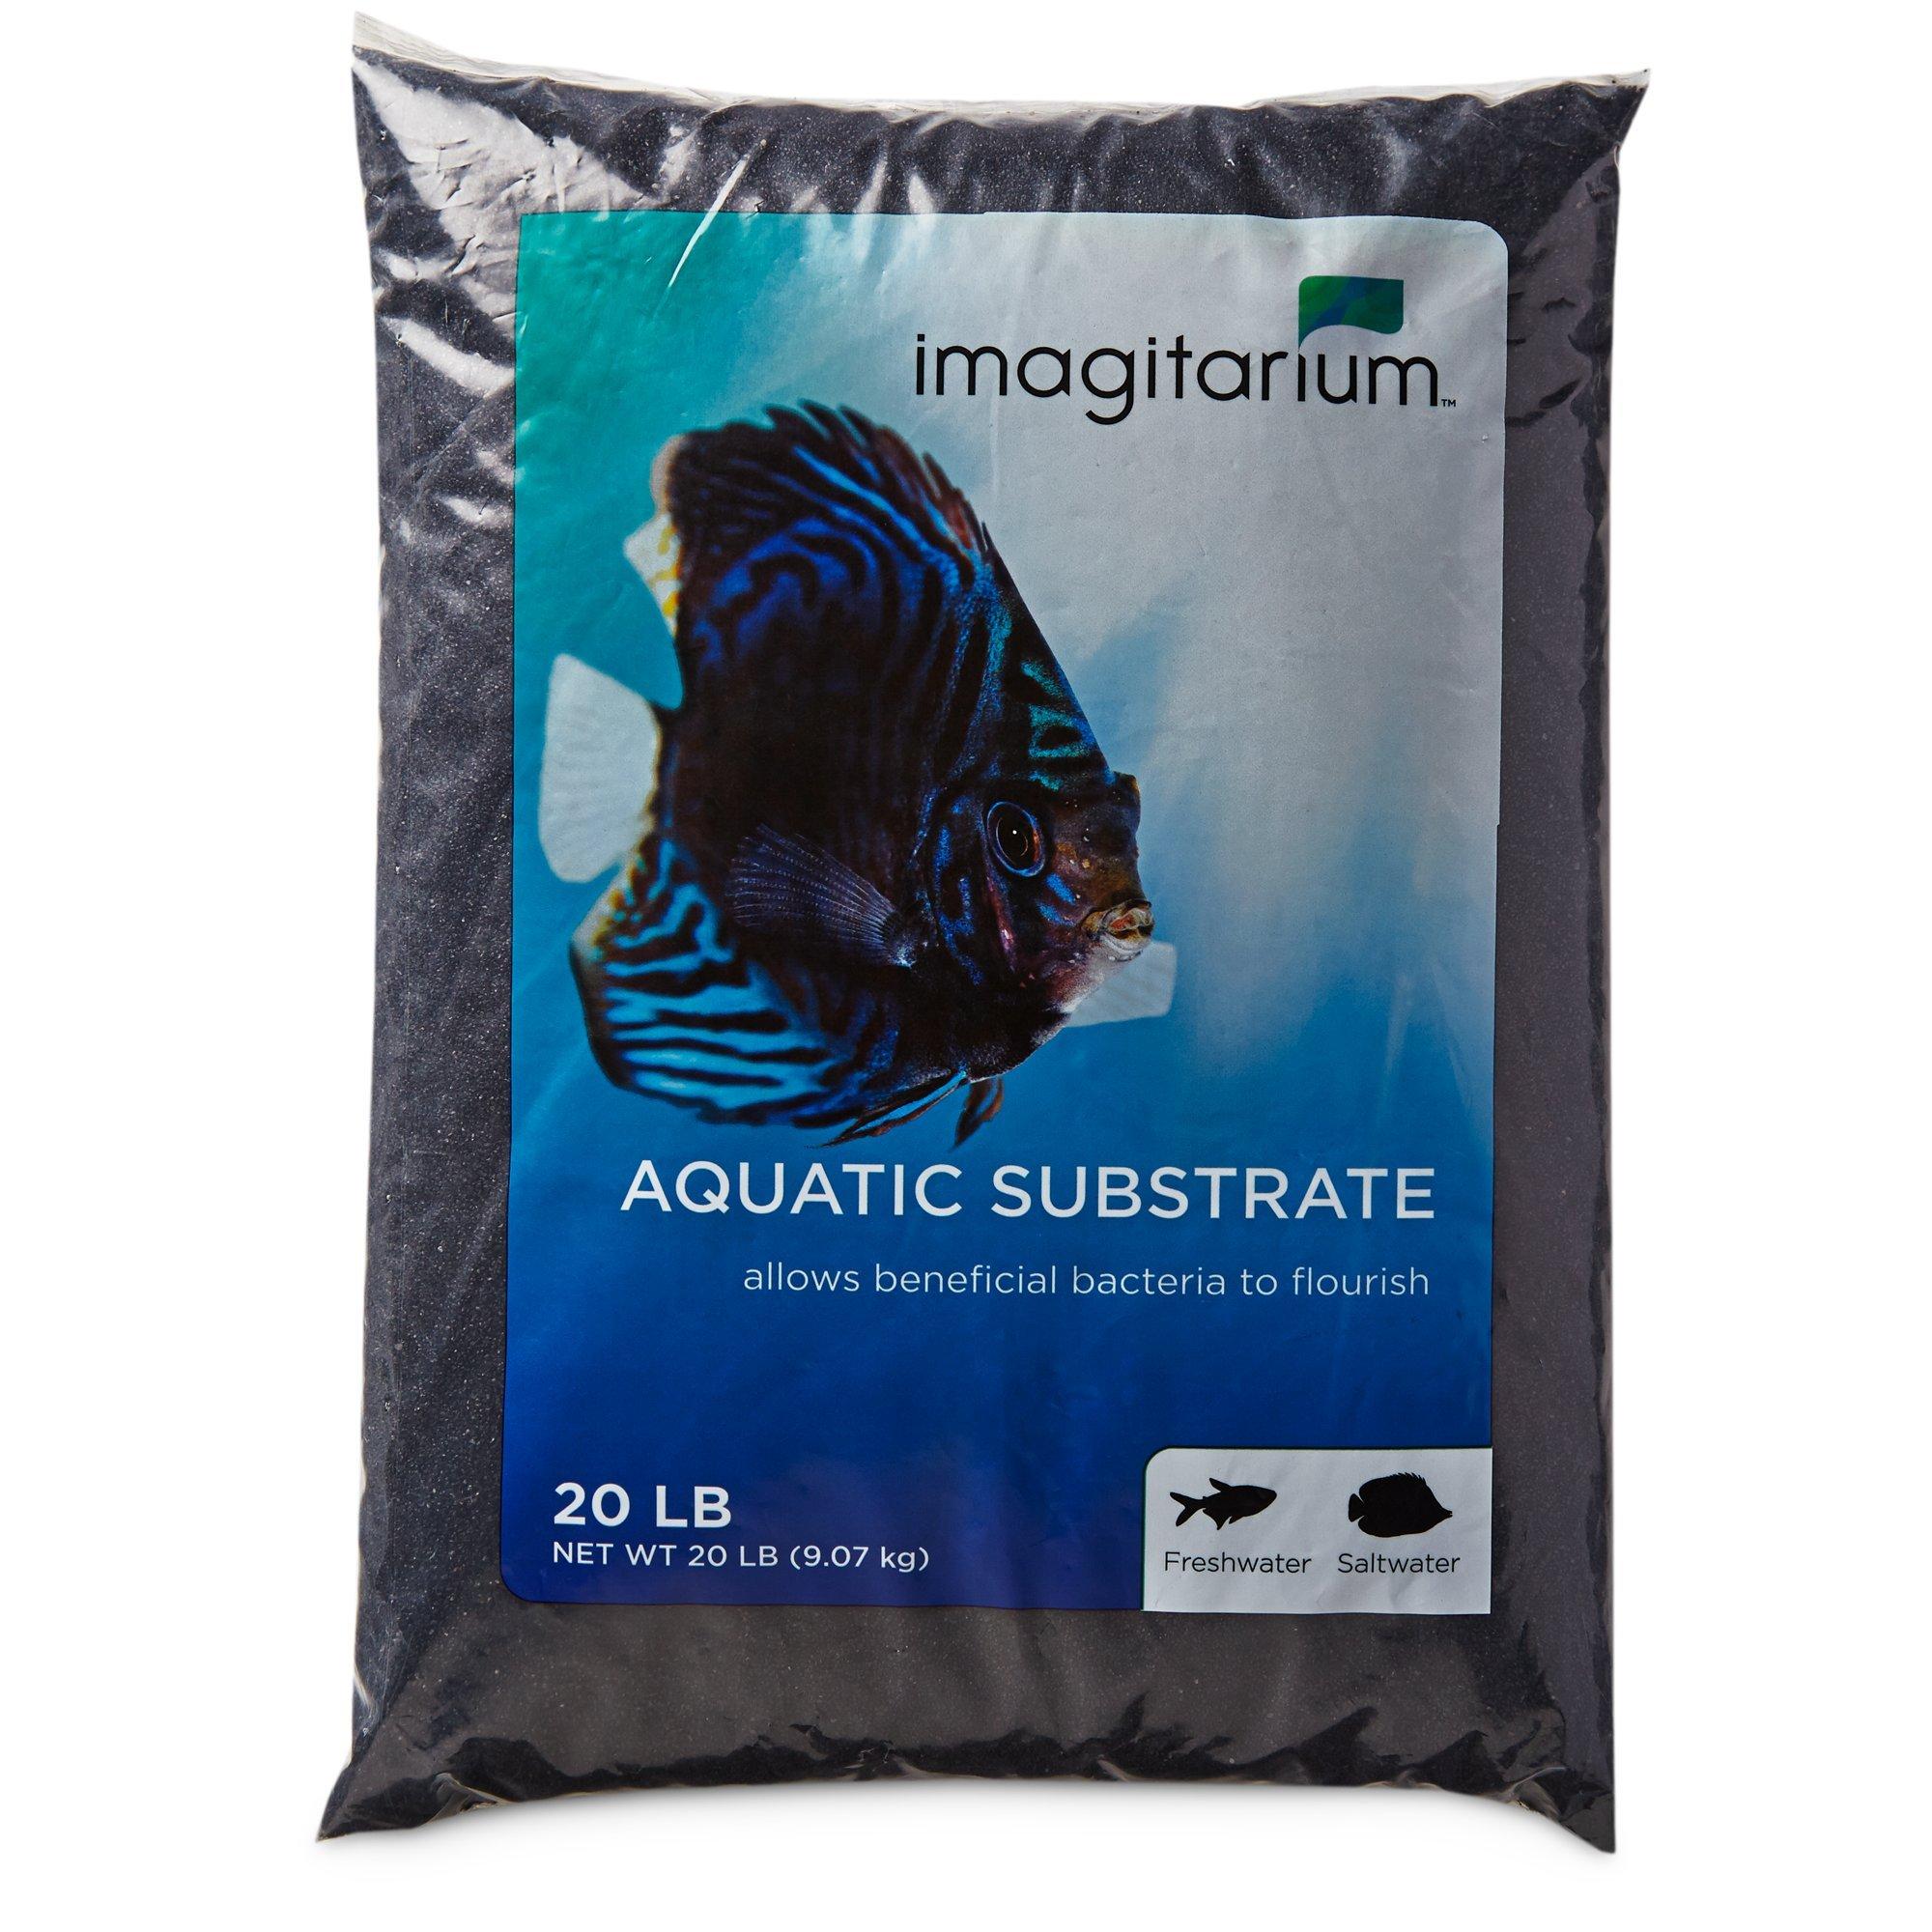 Imagitarium Black Aquarium Sand, 20 LBS by Imagitarium